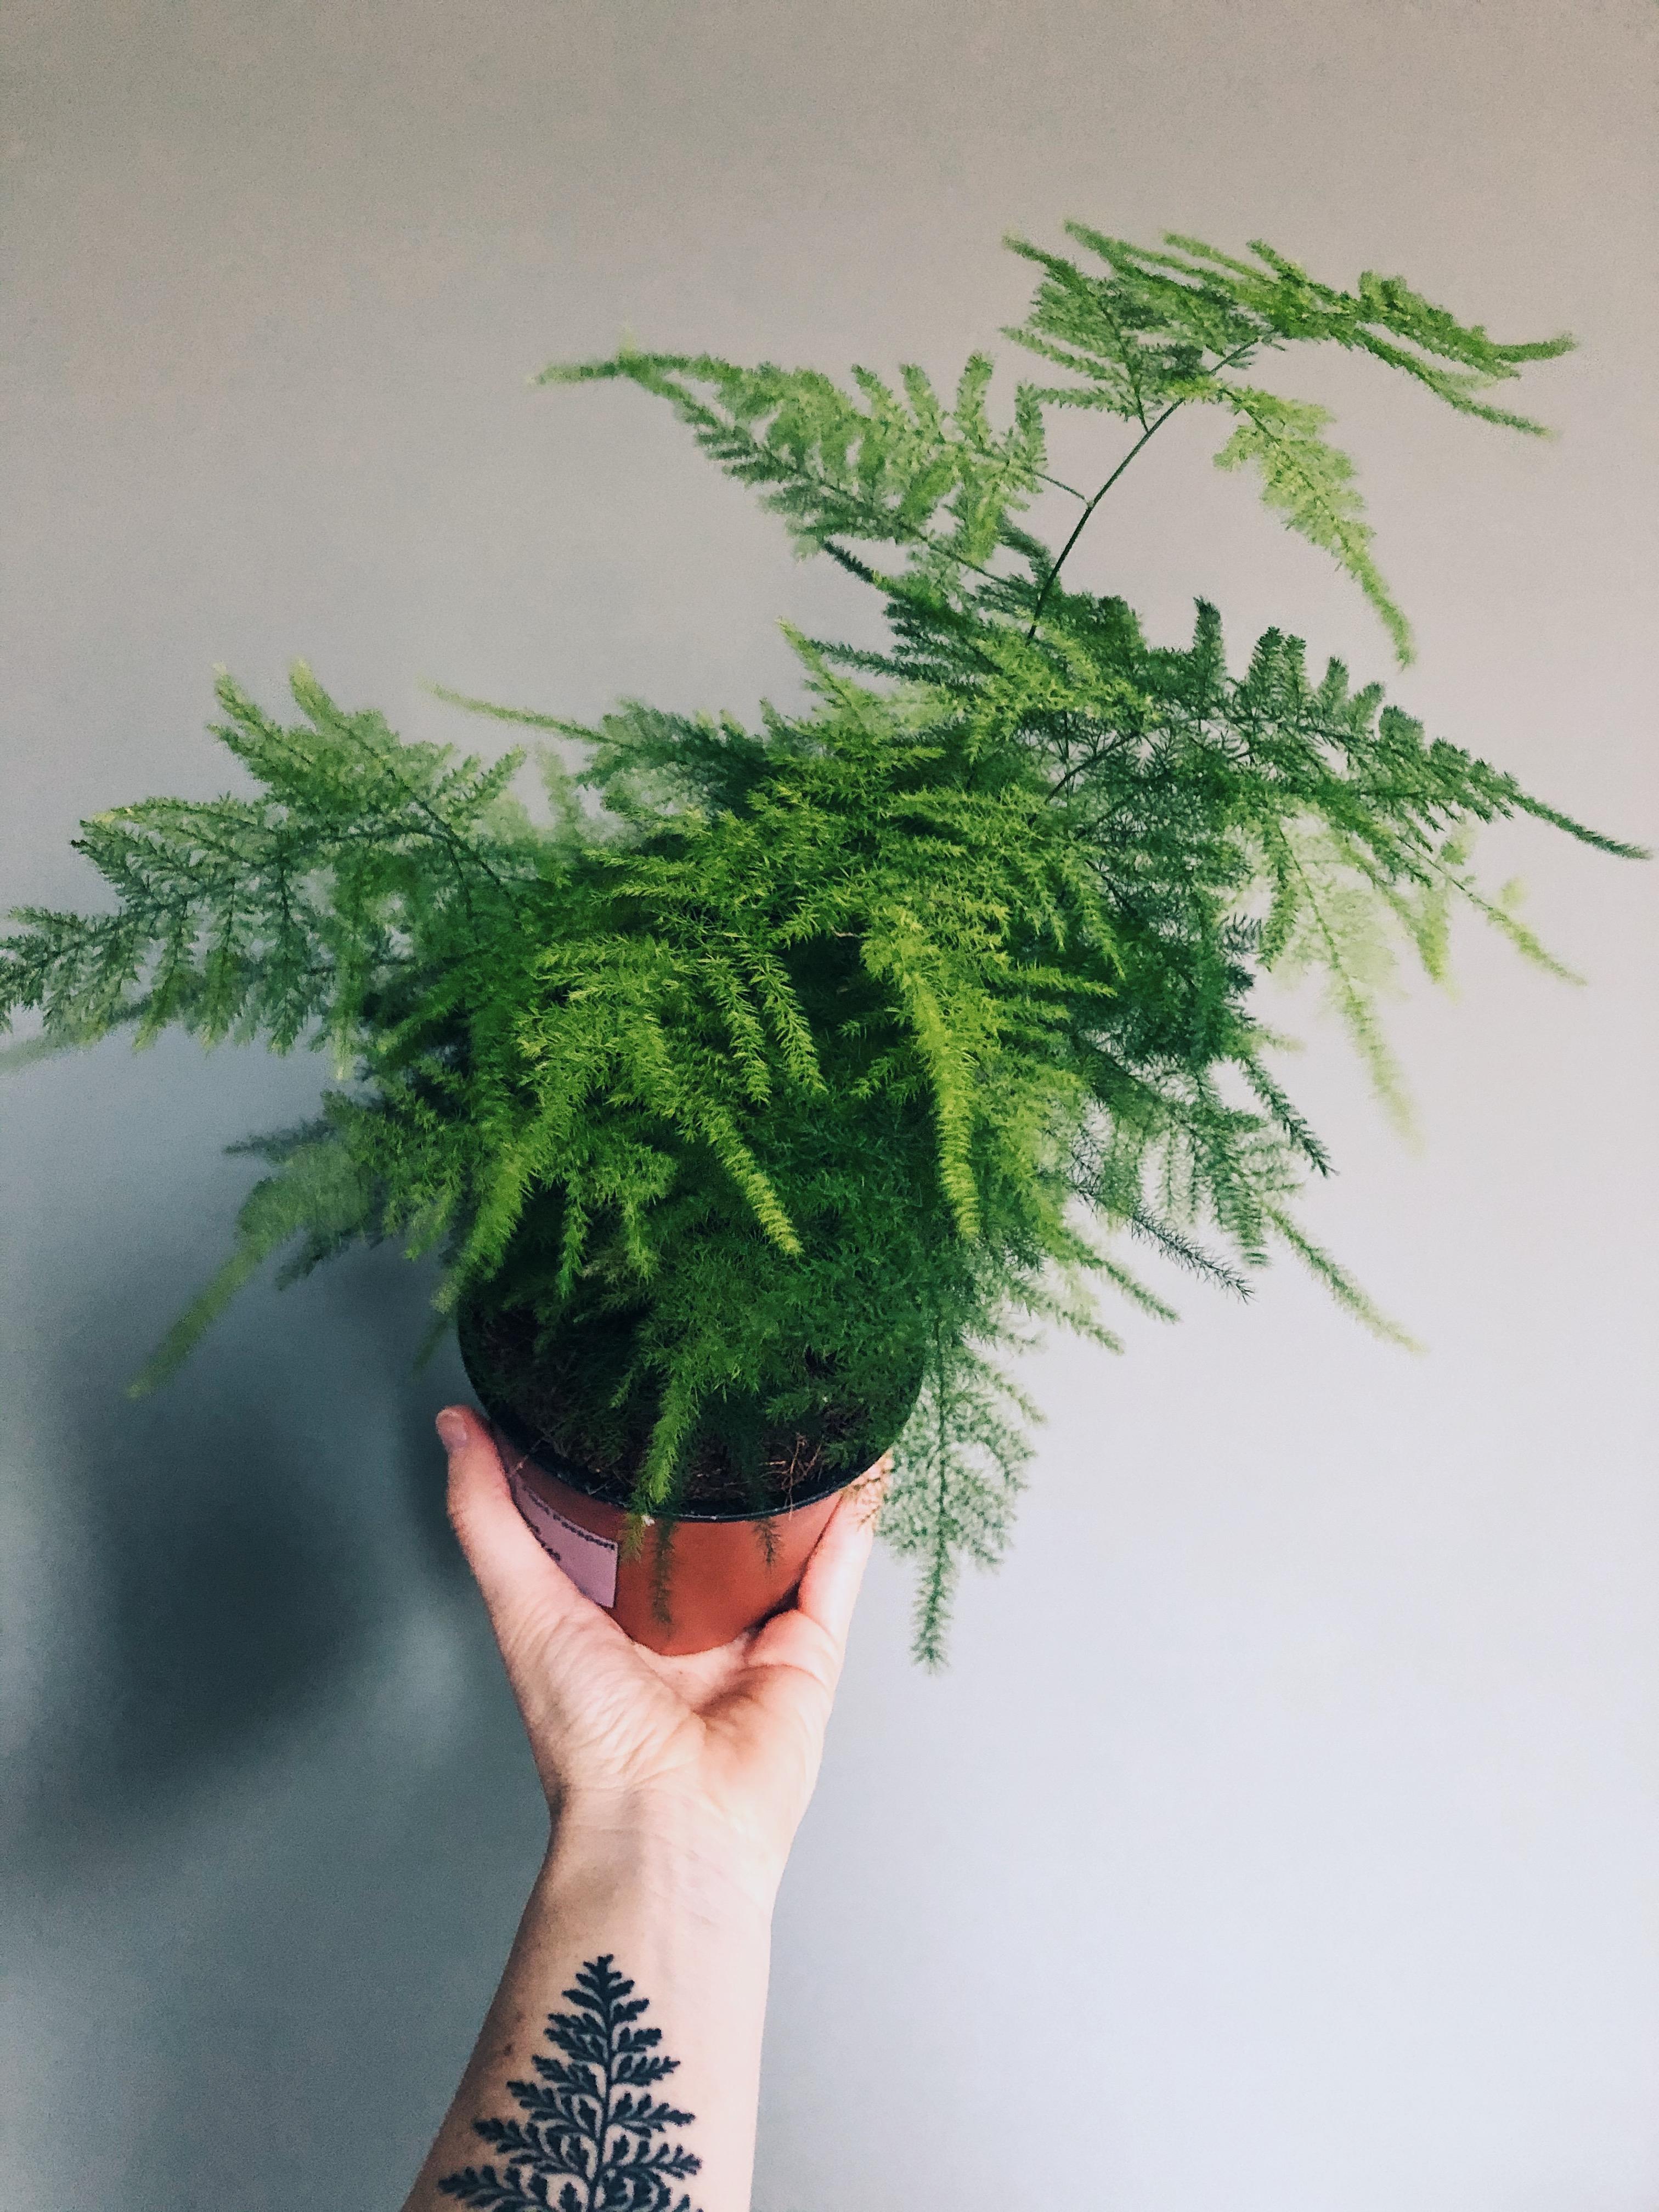 Asparagus setaceous